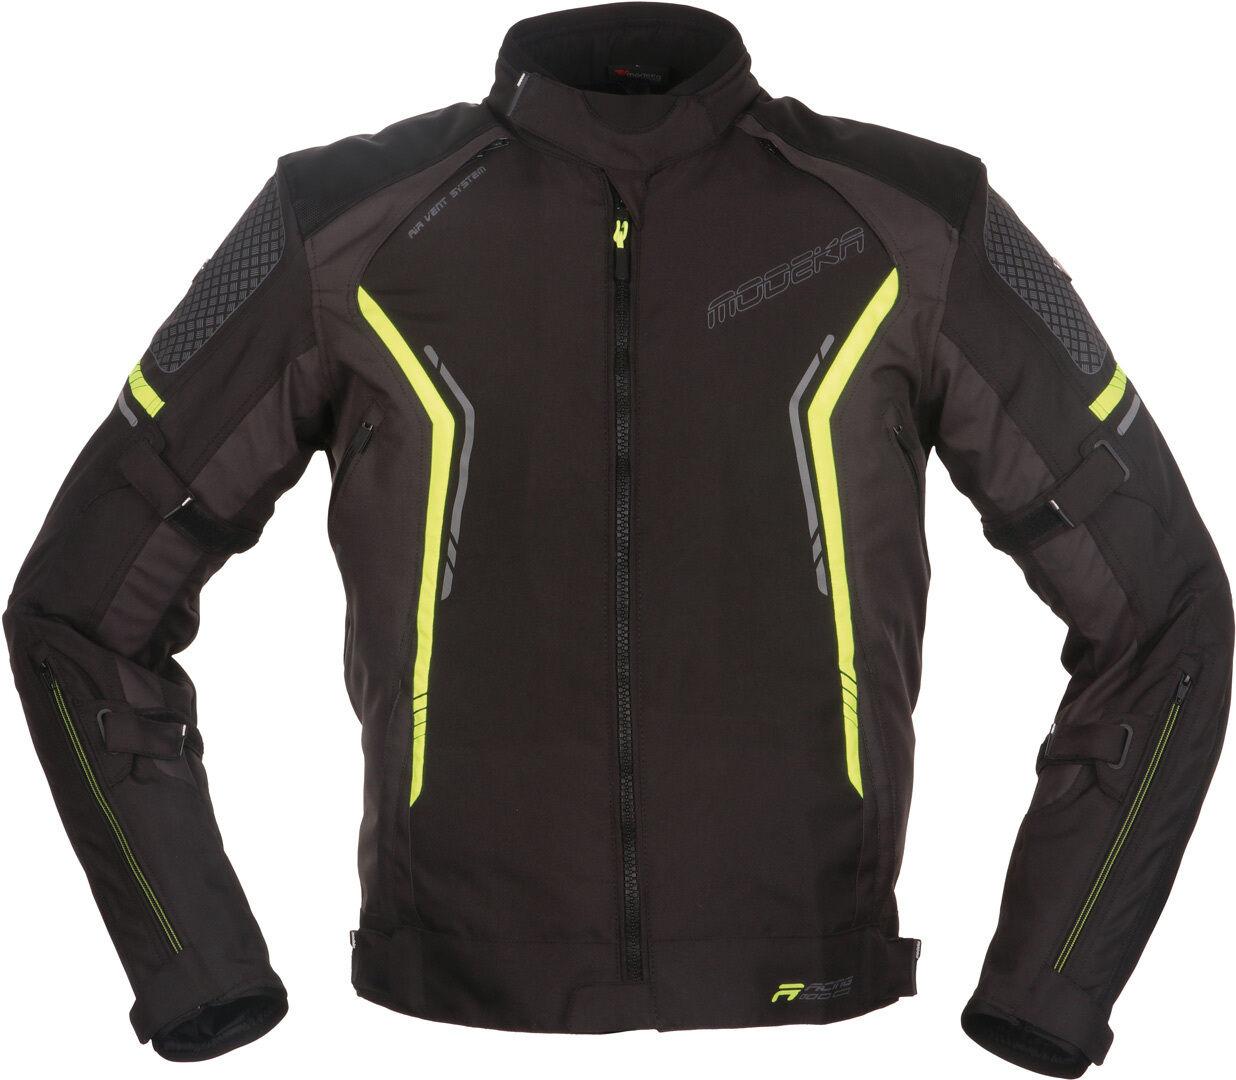 Modeka Khao Veste textile de moto Noir Jaune taille : XL